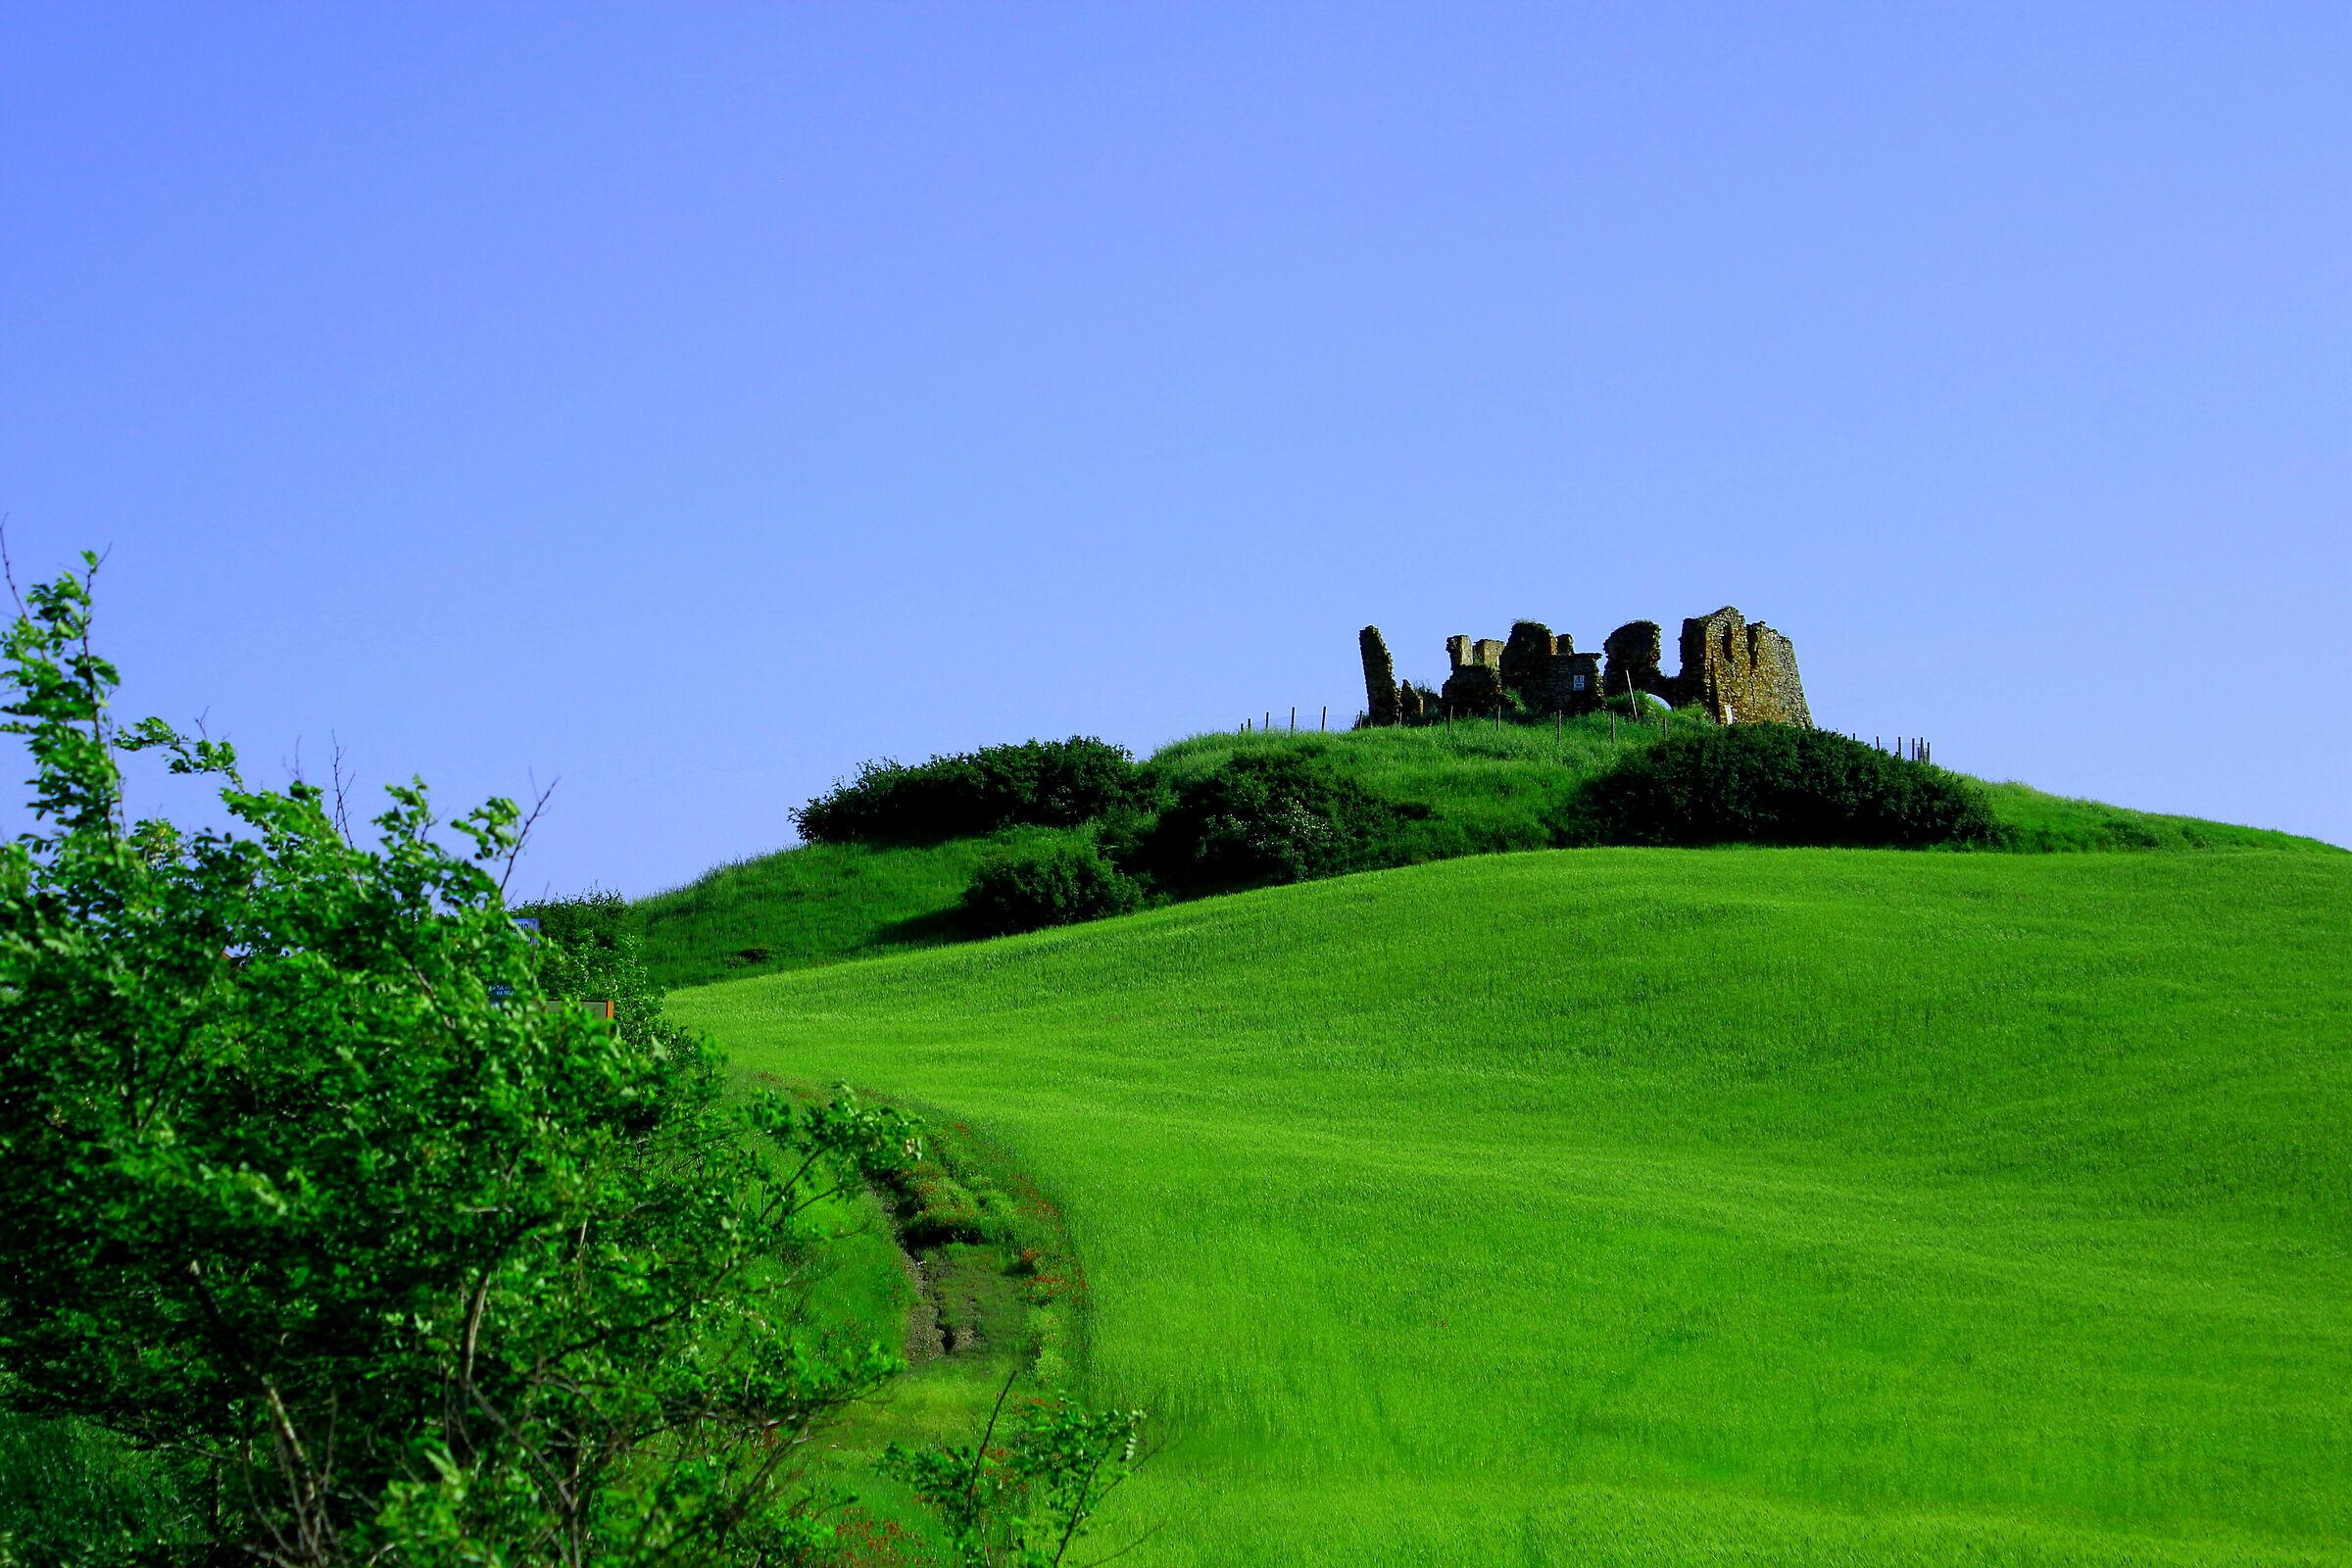 Campagna toscana nei pressi di Volterra...